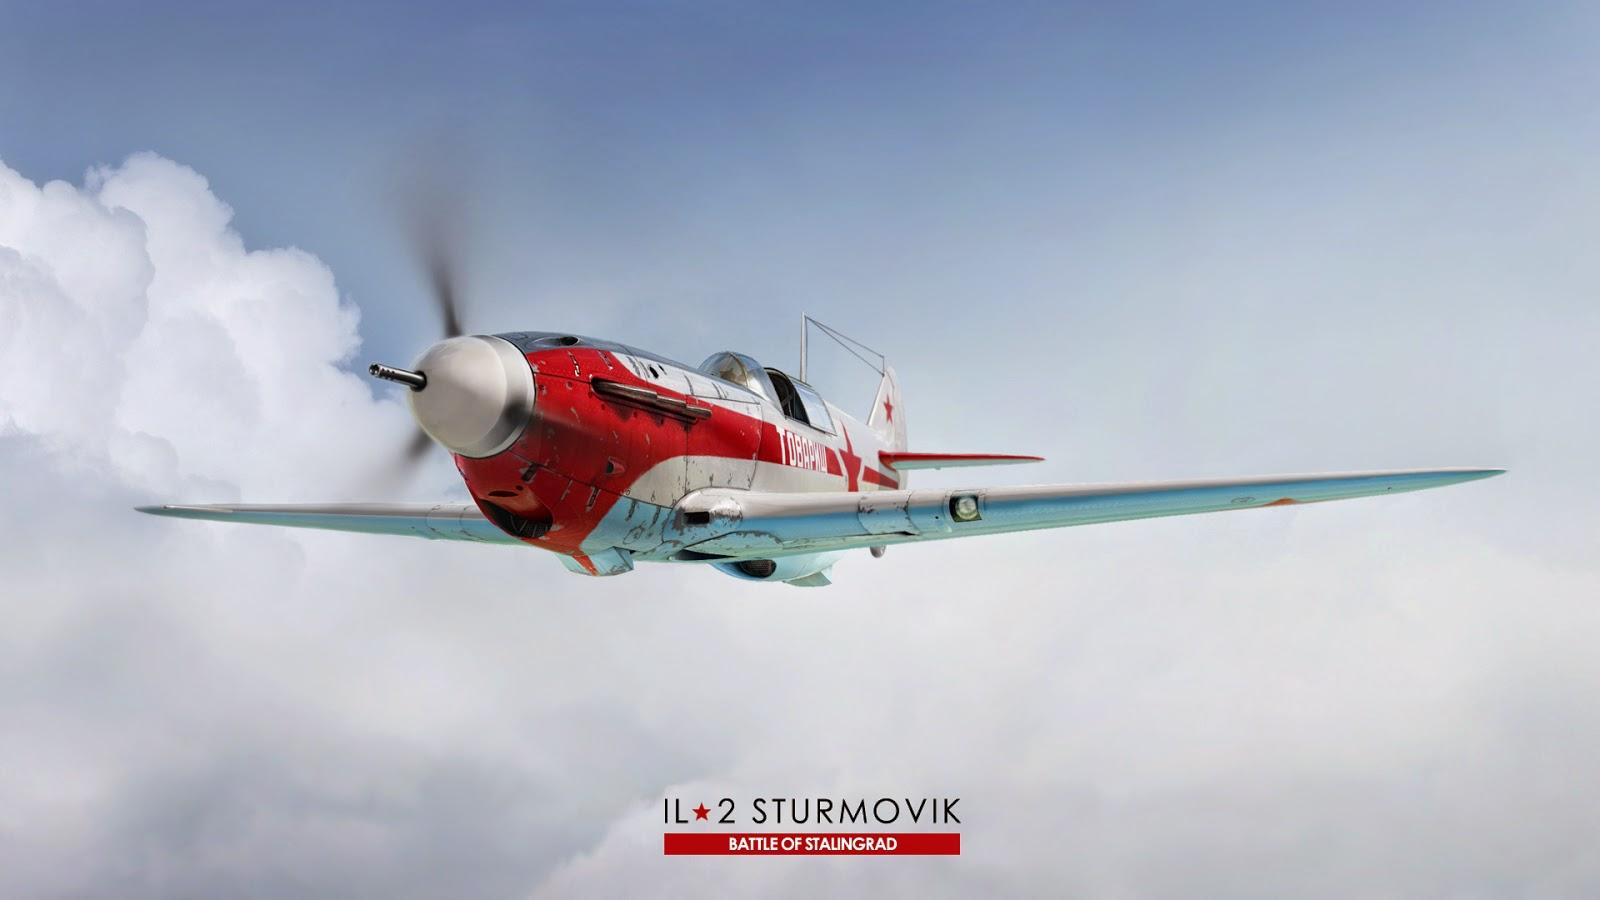 Il2 sturmovik battle of stalingrad full download